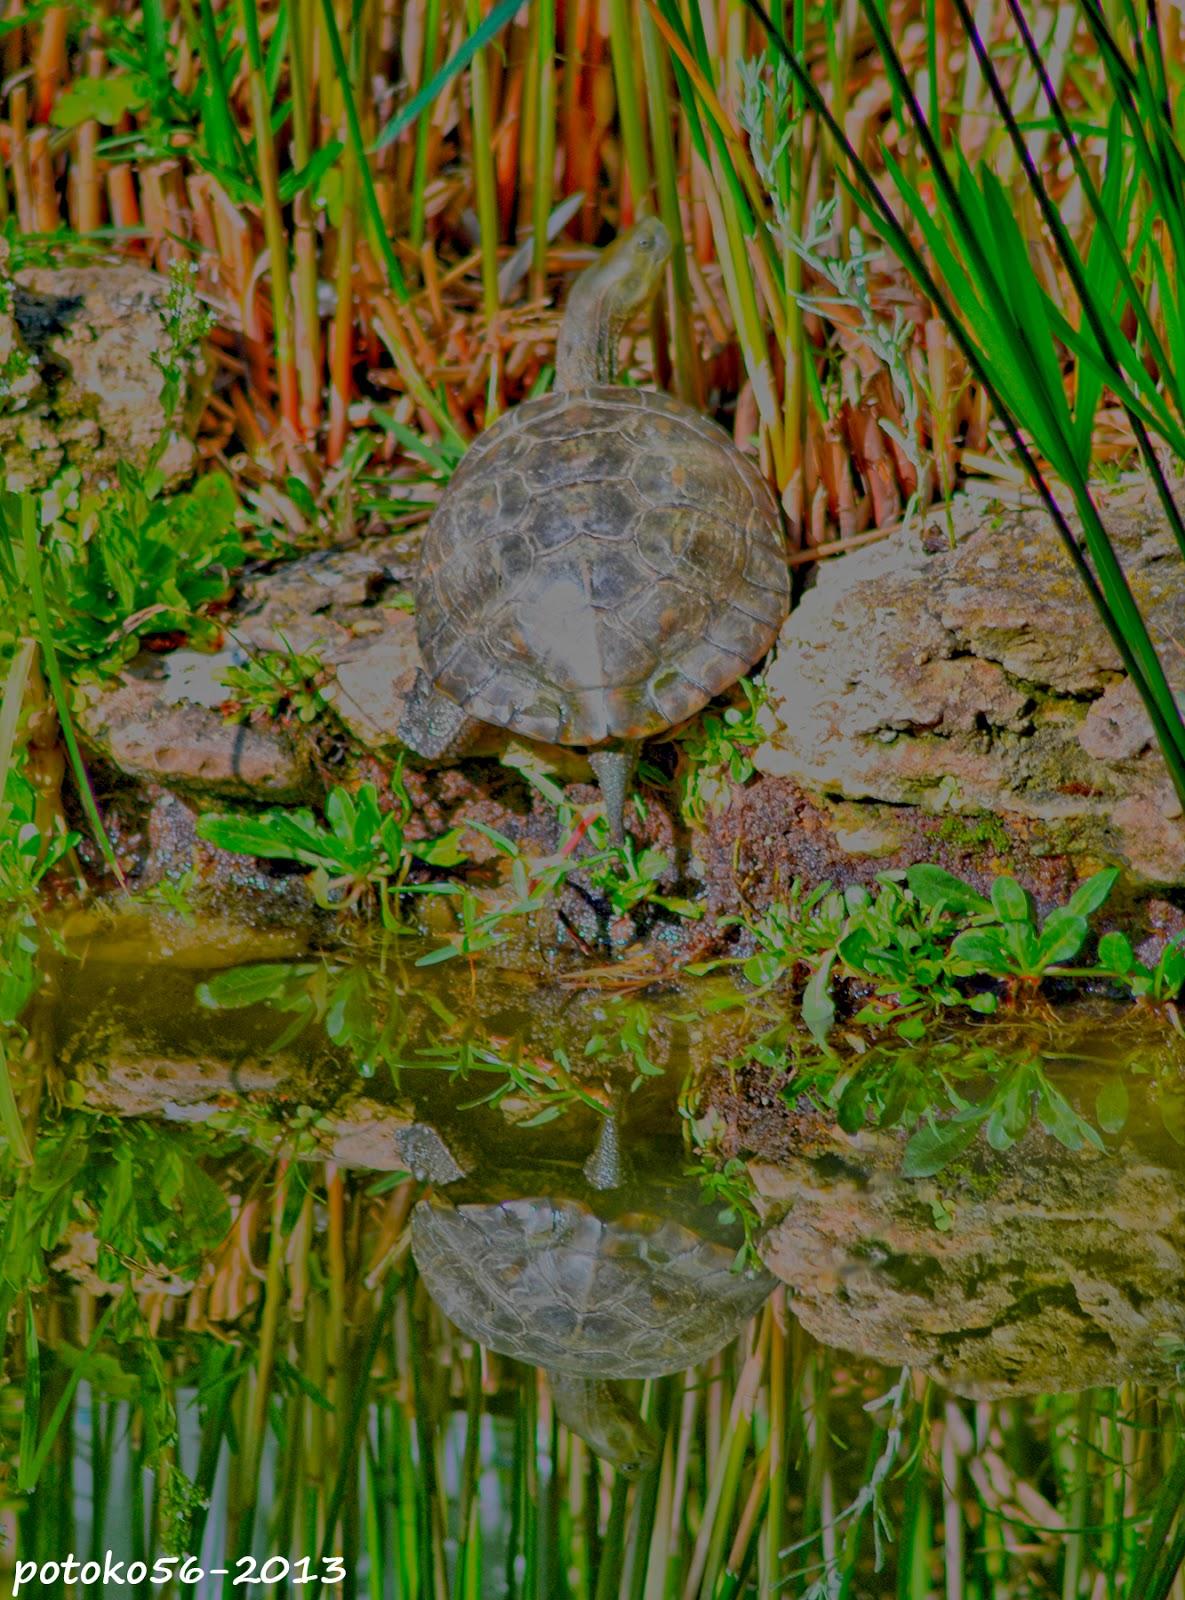 Tortuga tomando el sol reflejada en la laguna